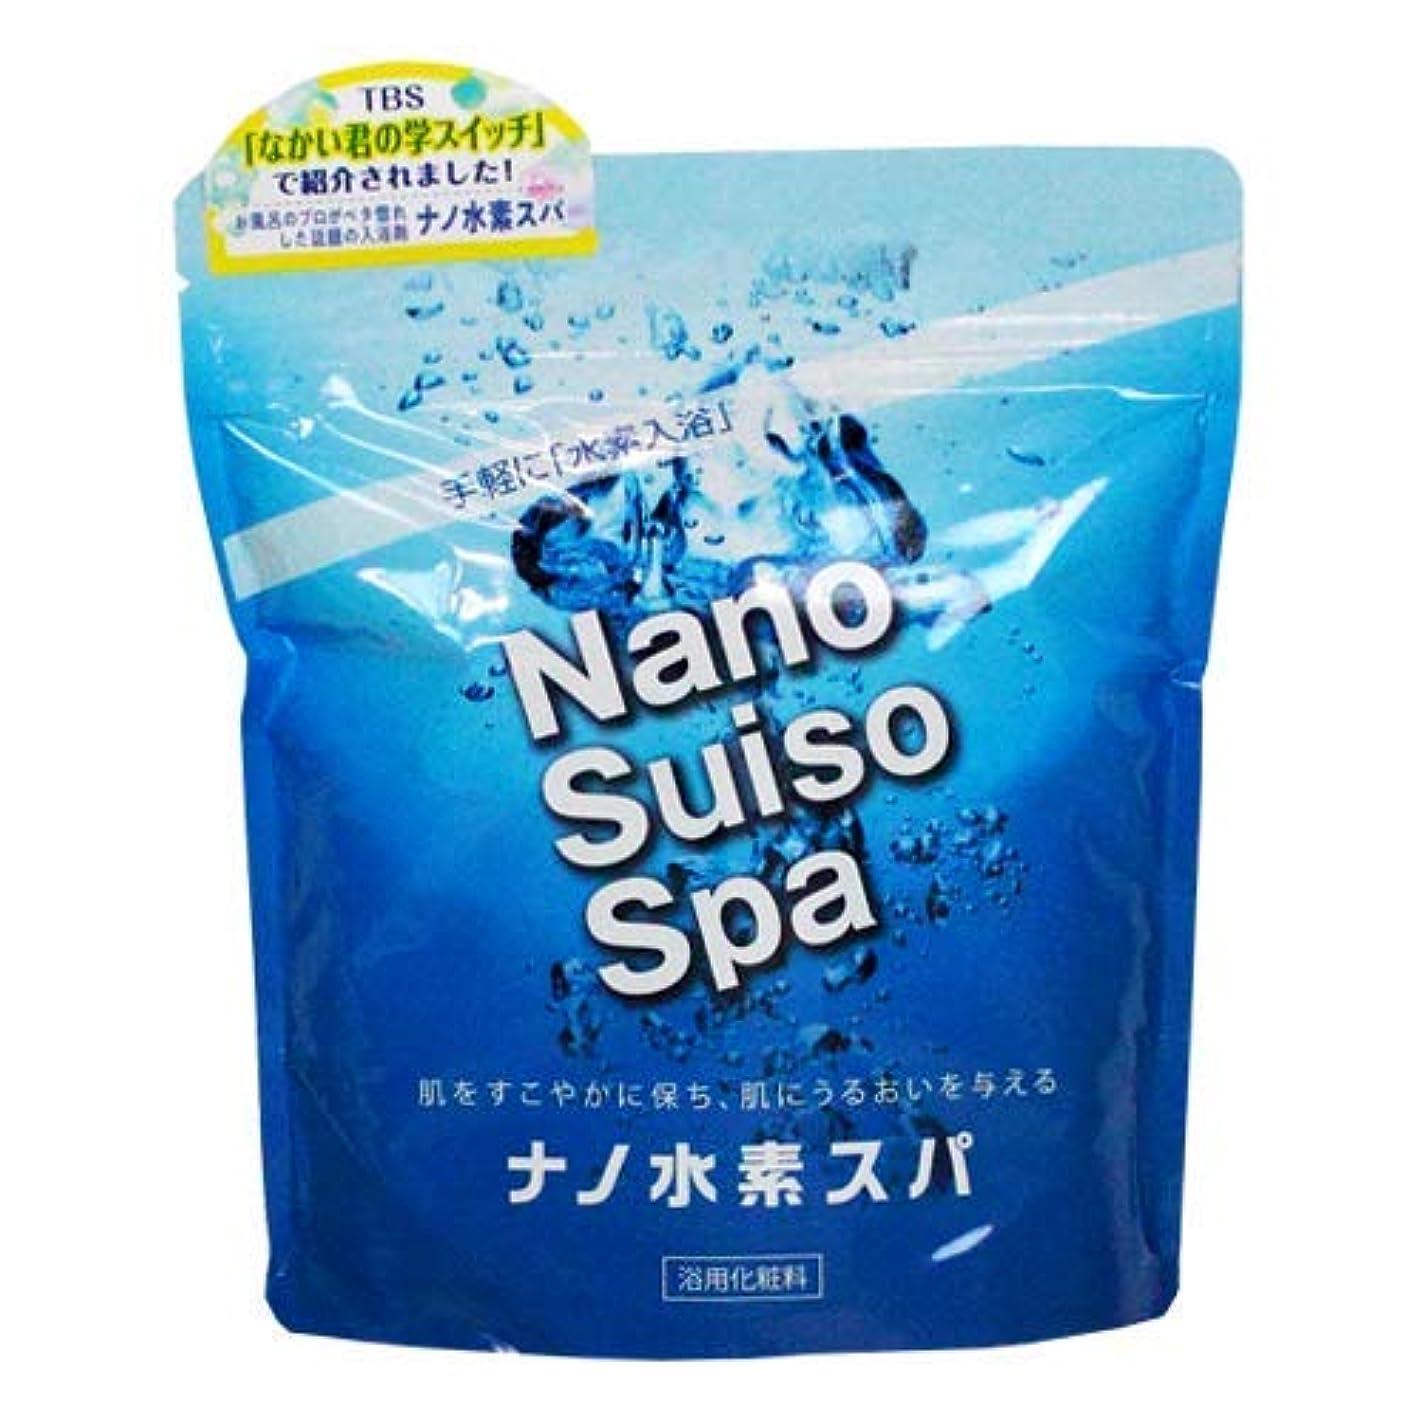 ゲートウェイファンブル怖がらせるナノ水素スパ1000g 高濃度水素発生入浴用